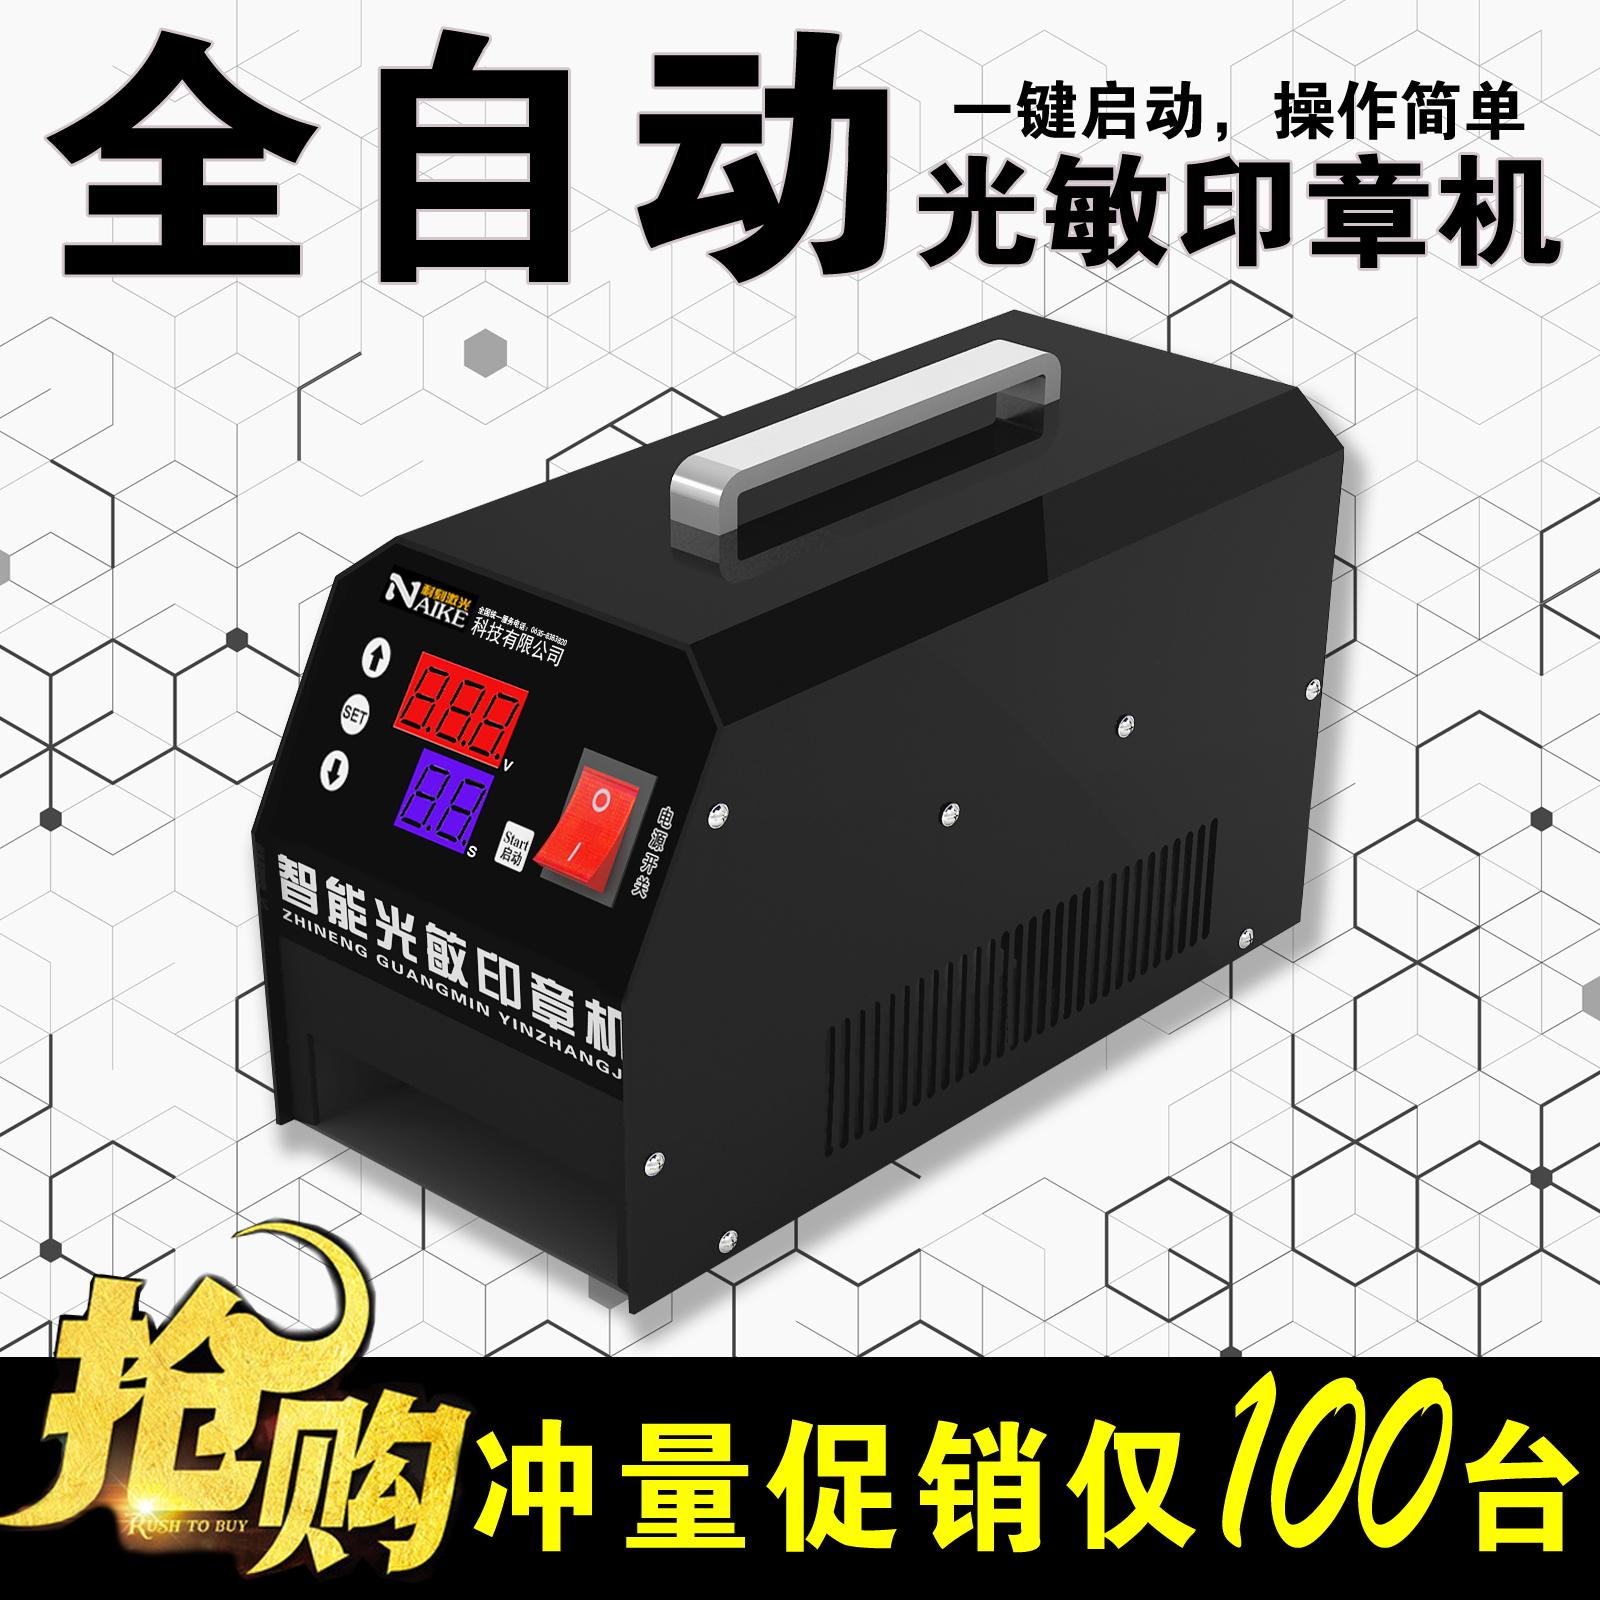 Seal machine photosensible machine de gravure petite machine de gravure à trois tubes mini ordinateur haut de gamme paquet de production sera